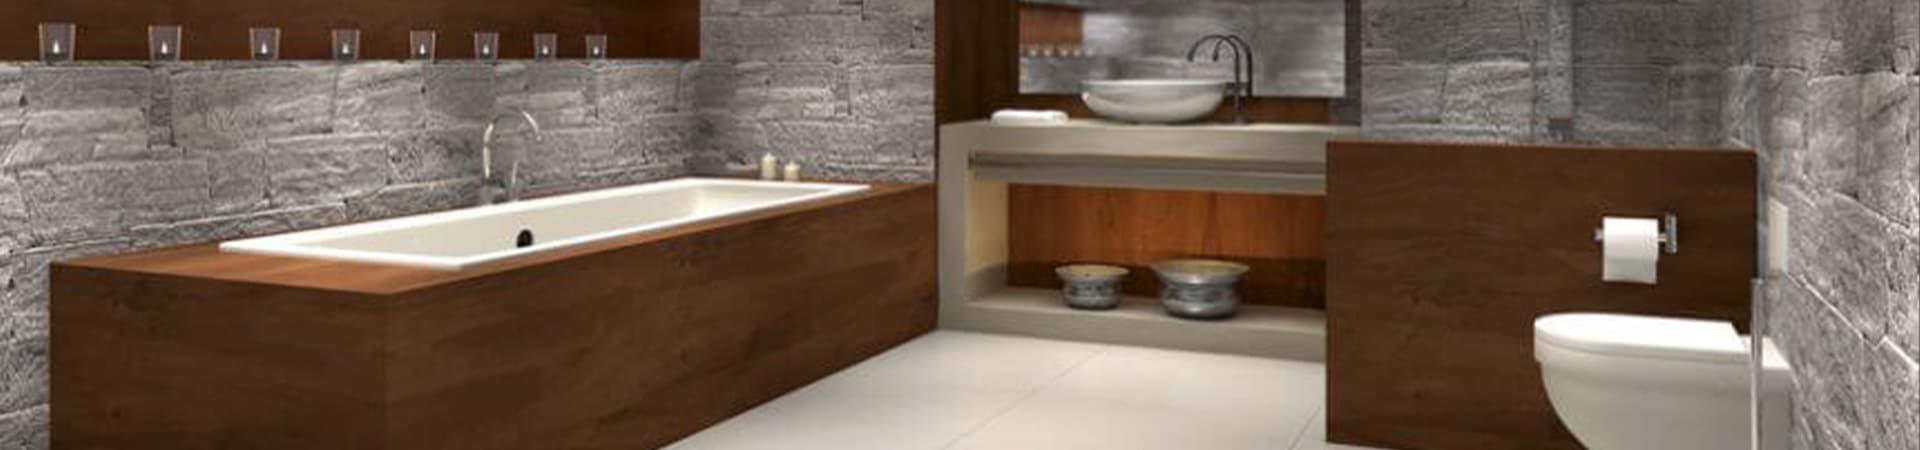 Privates Luxus-Spa? Höchste Zeit – für ein Bad mit Naturstein!